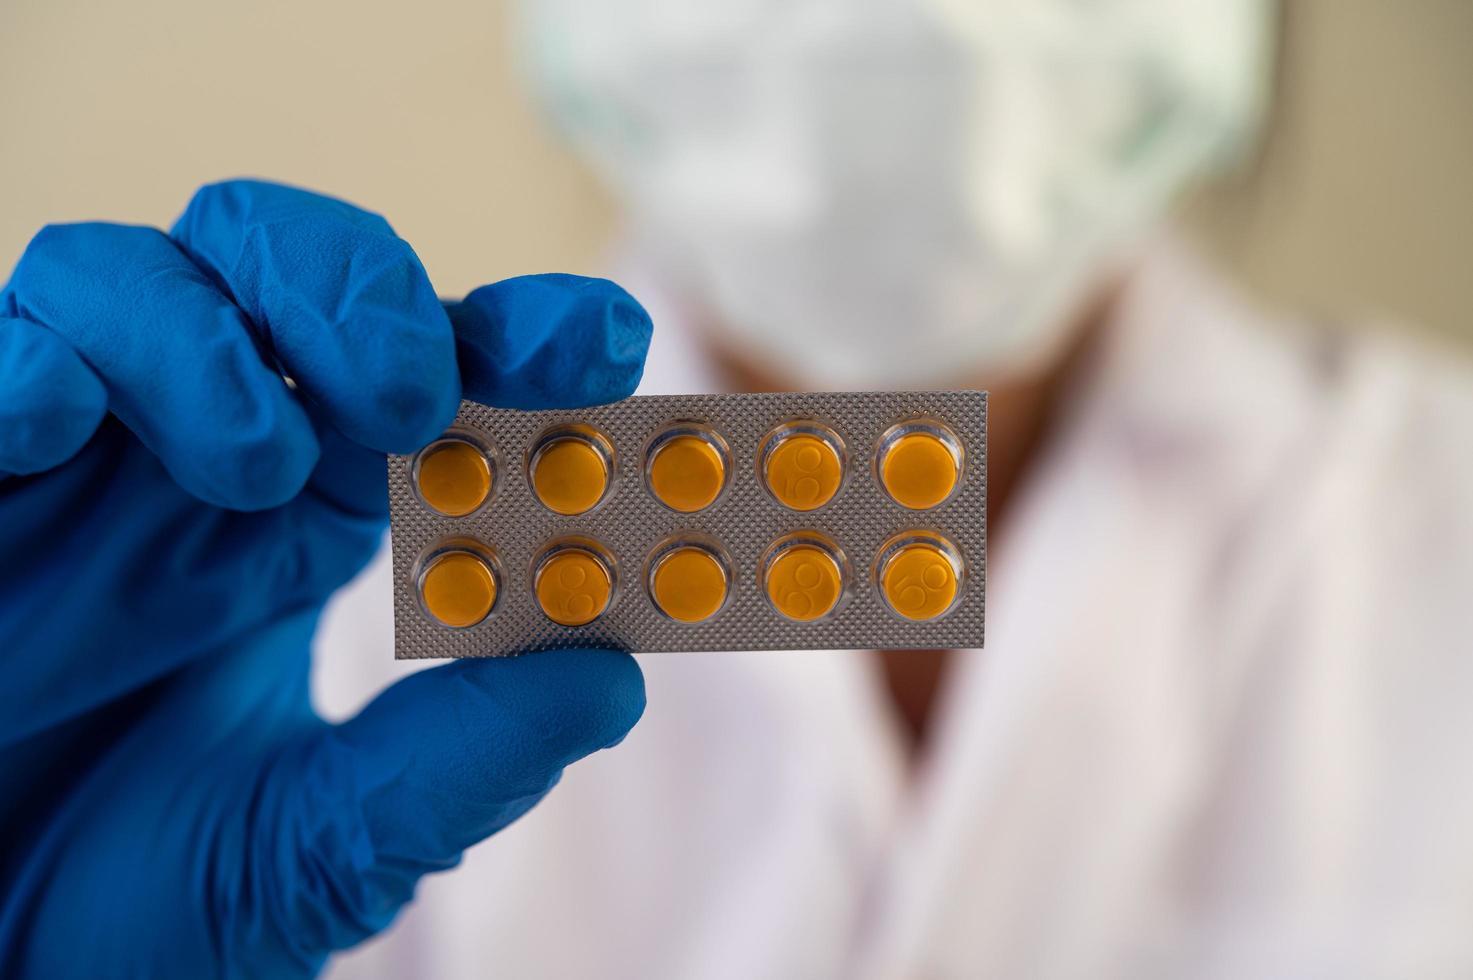 Der Arzt trägt Handschuhe und hält Medizinplatten foto